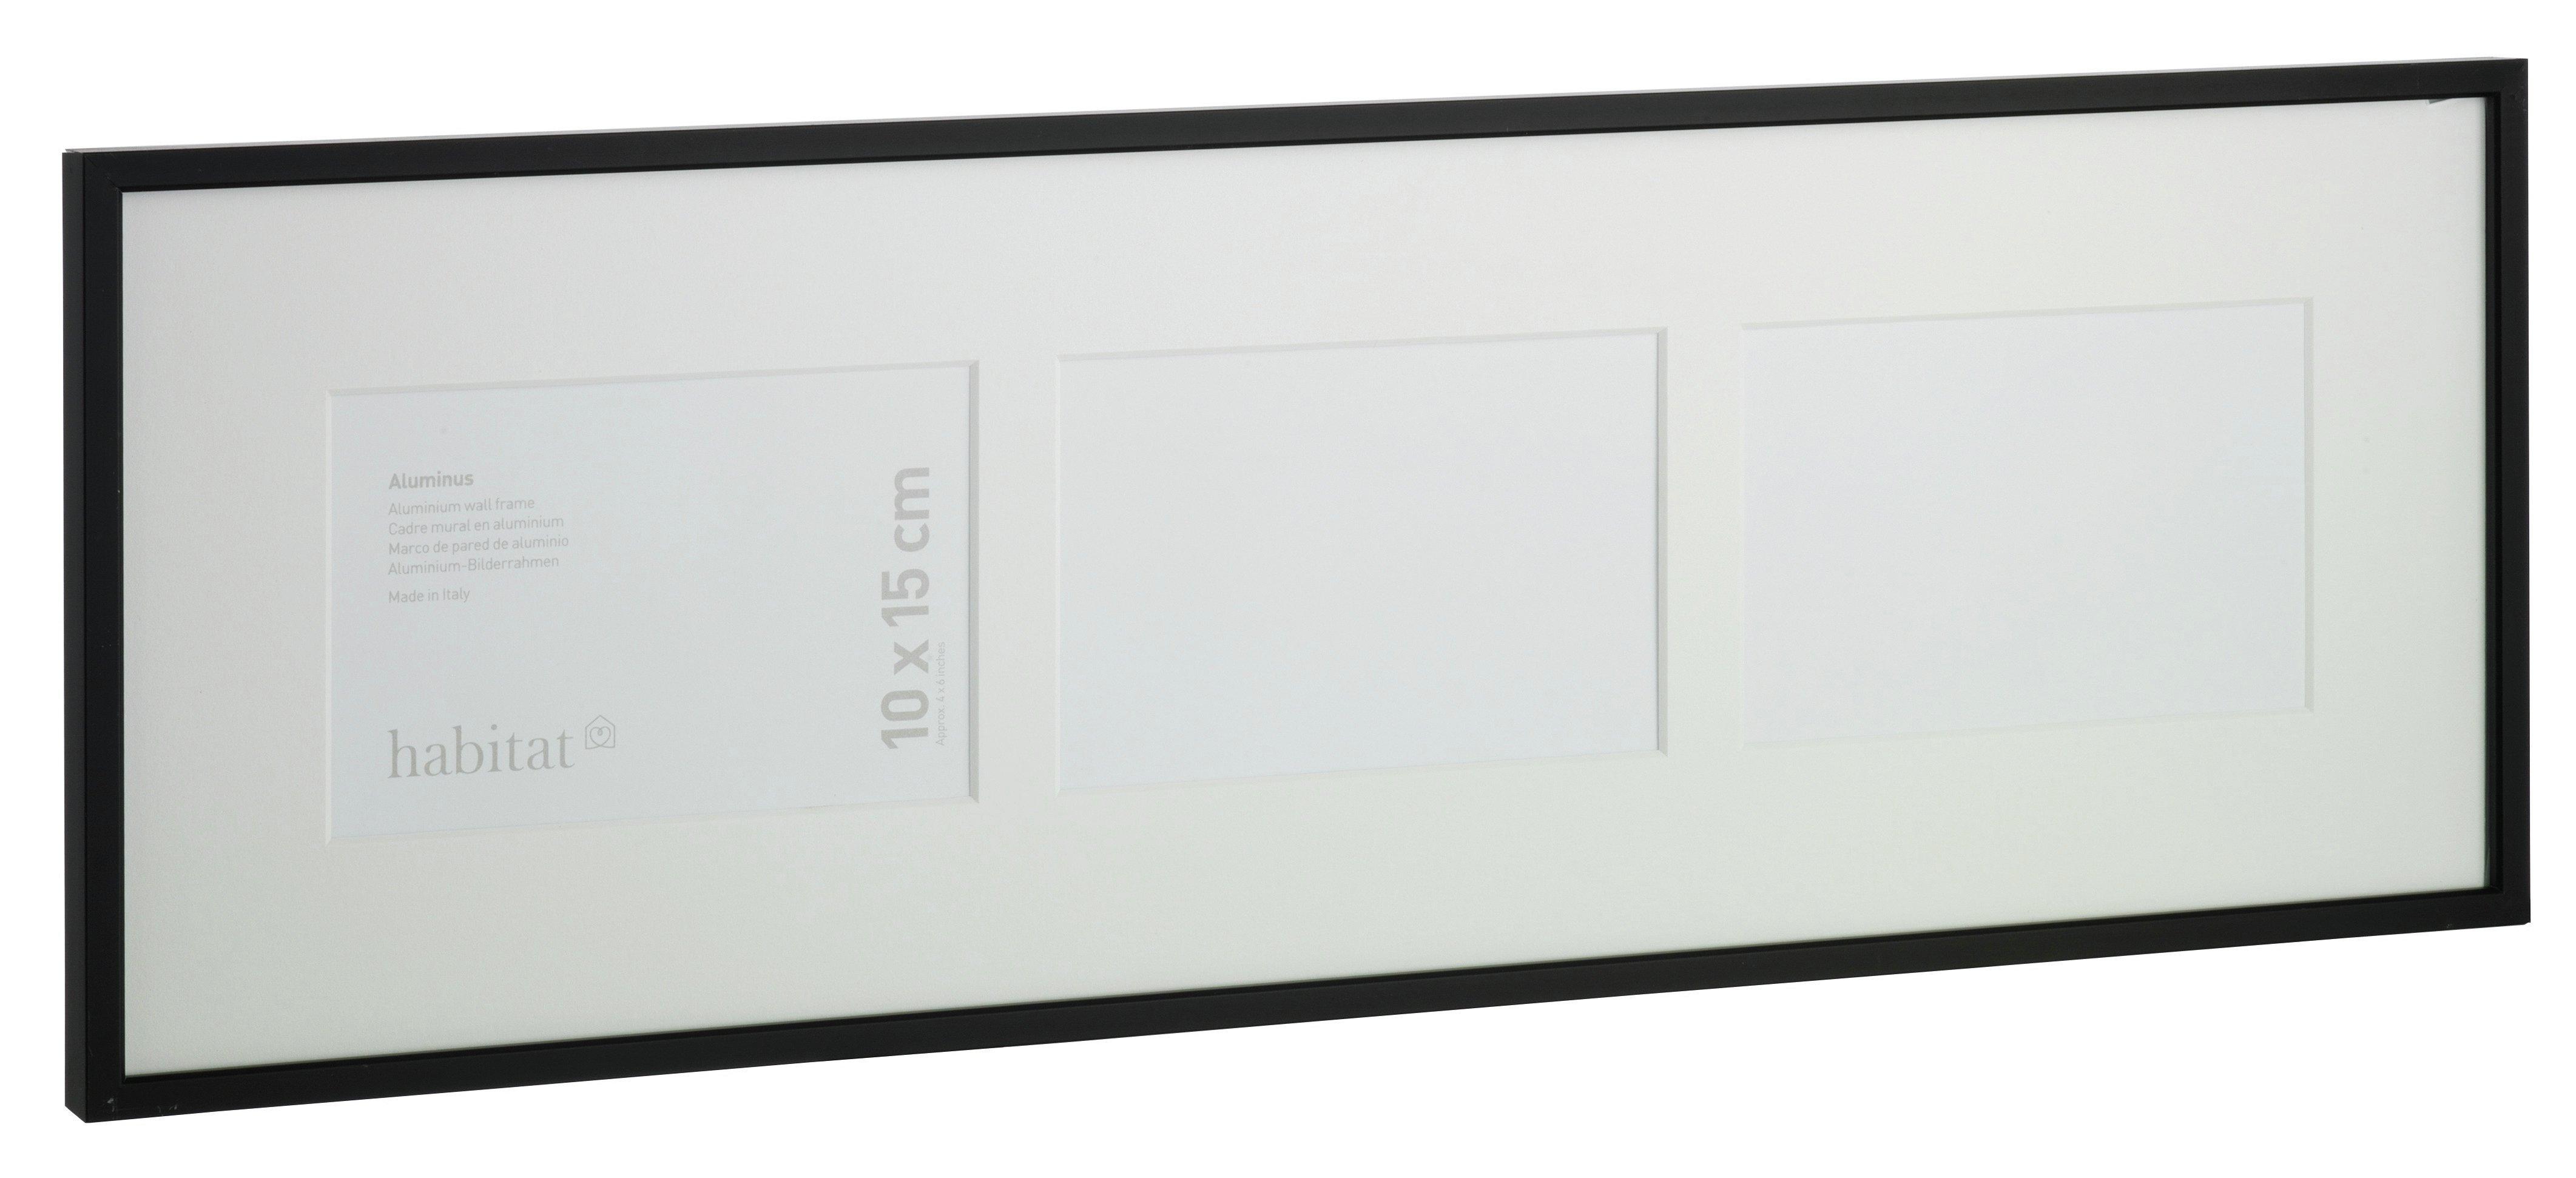 Image of Habitat Aluminus 19x57cm 3 Image Wall Frame - Black.